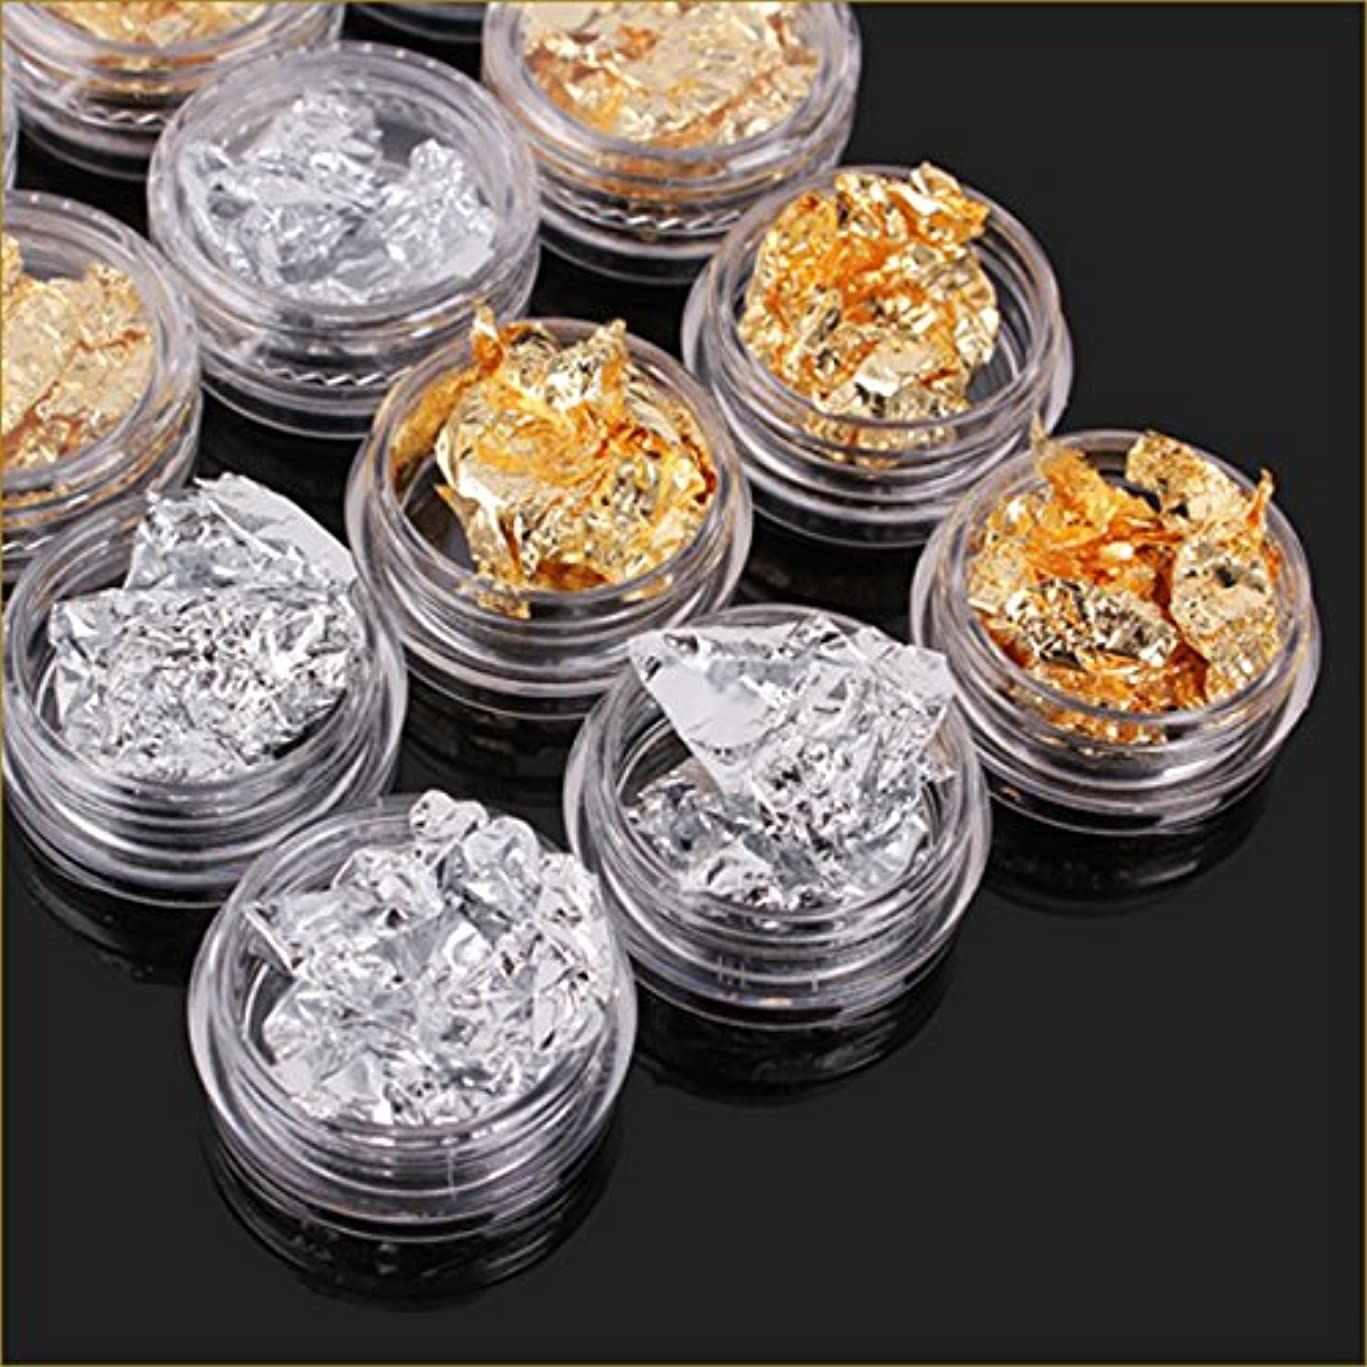 アレルギー談話図ネイル用品金箔 銀箔 大量 2個入り 2色 ケース付き ネイルパーツ メタルスタッズ ネイルナゲット ホイル ベイント用